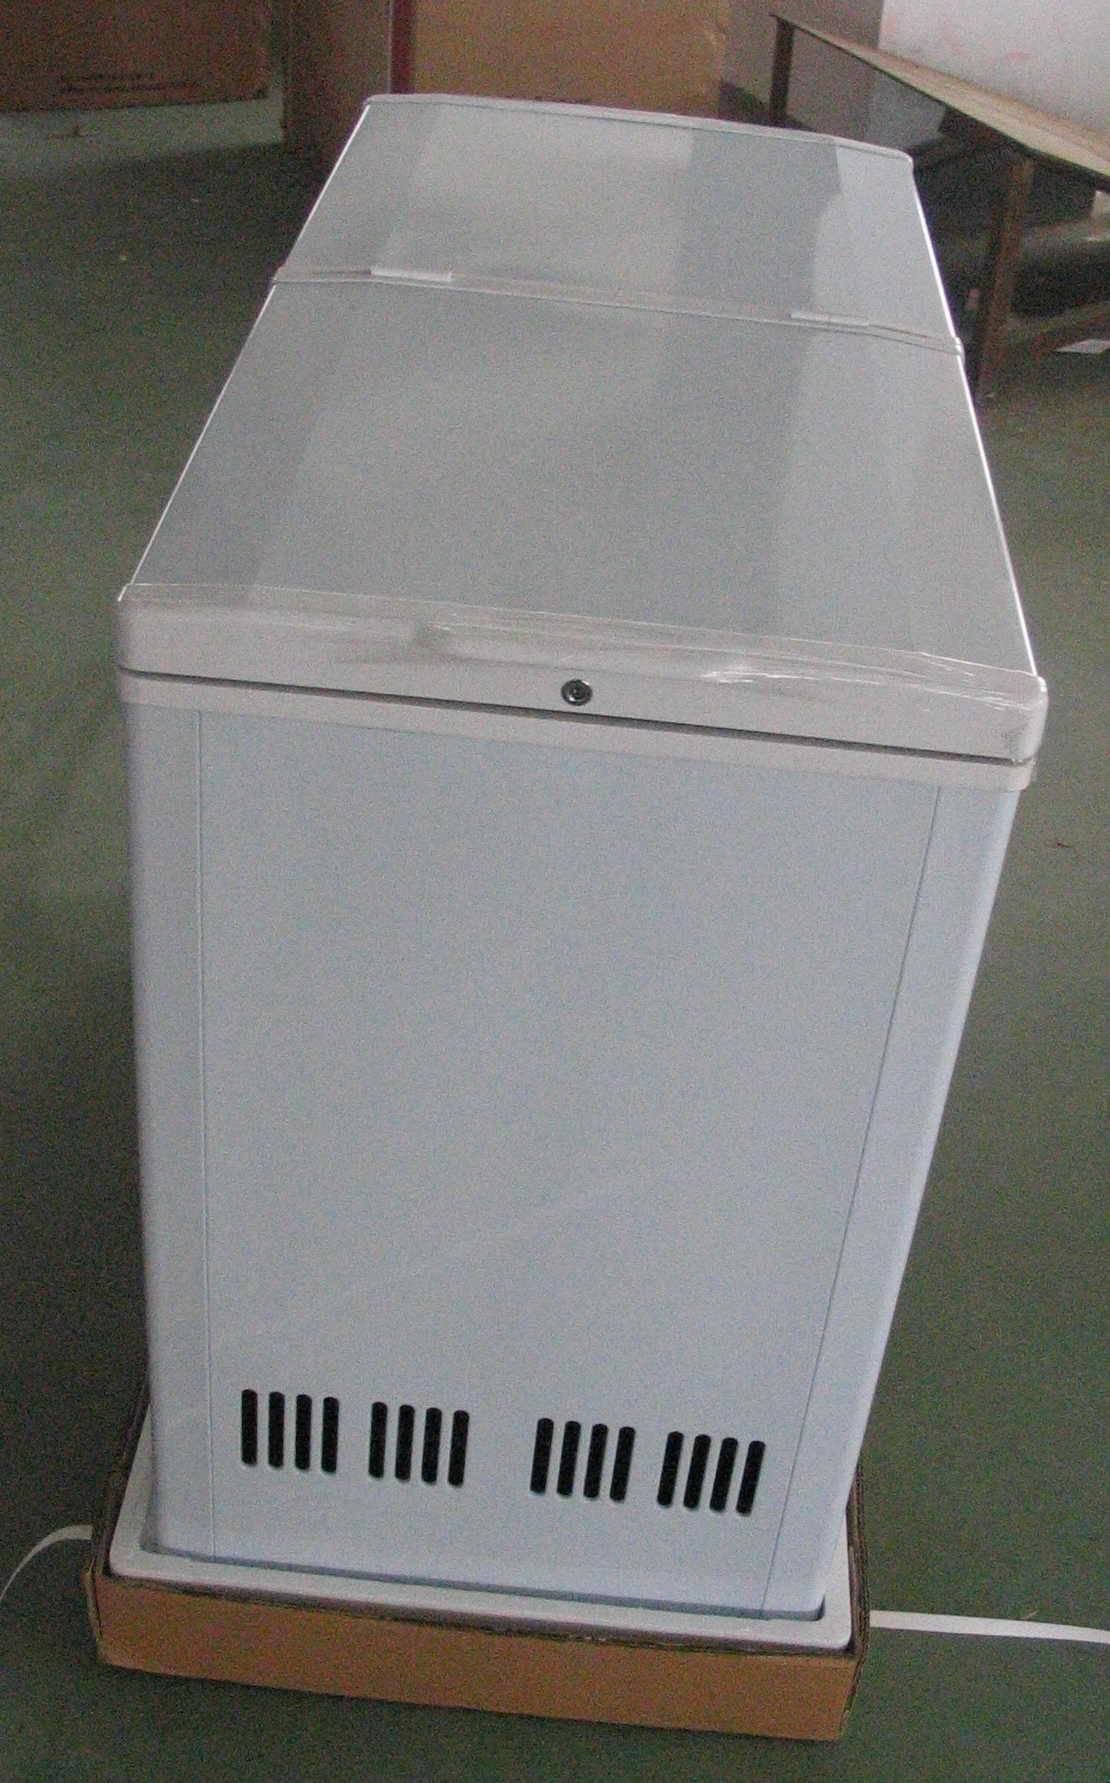 Freezer-butterfly door